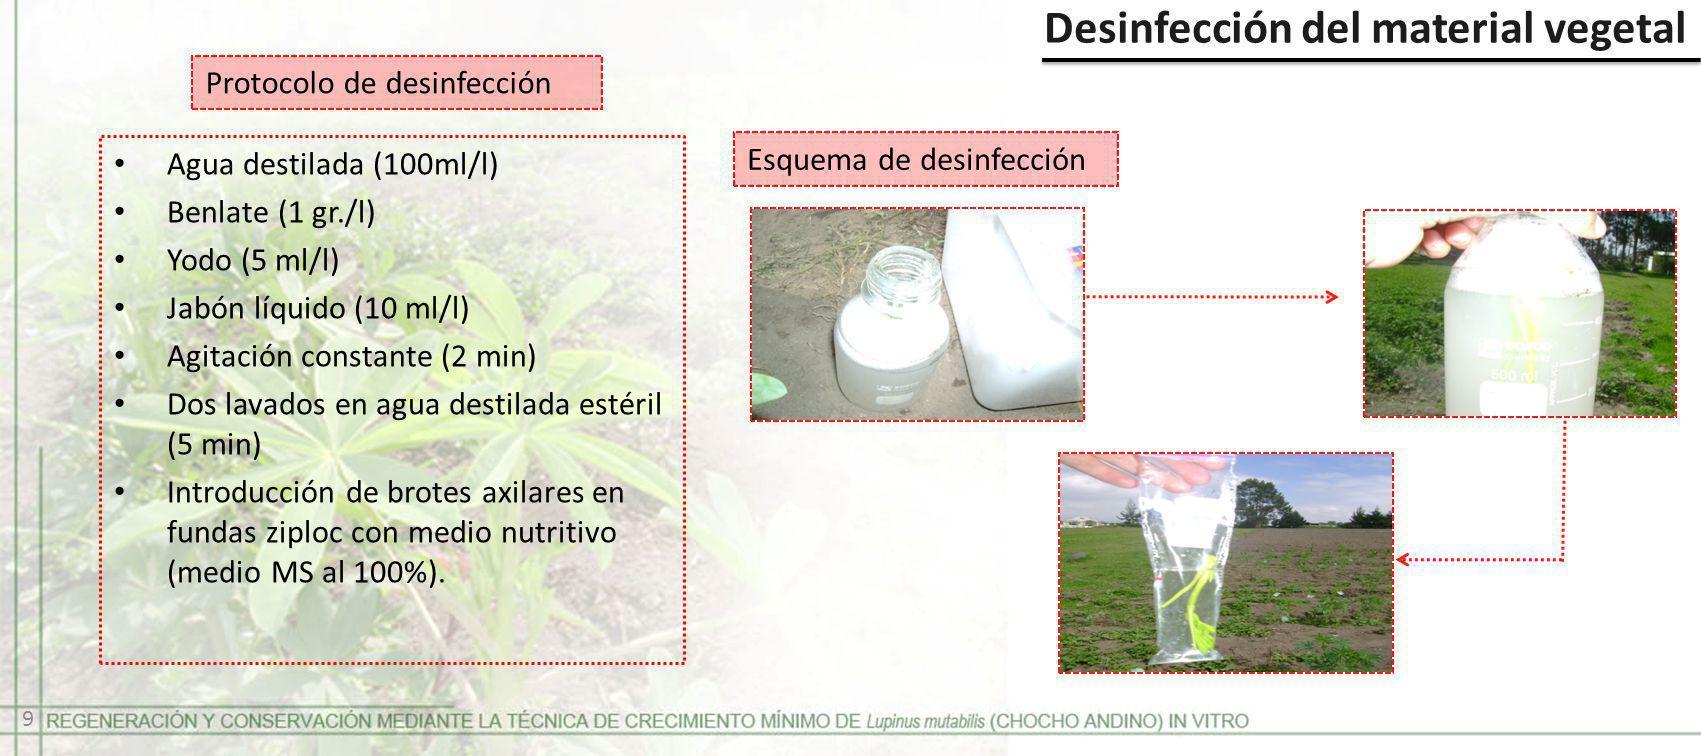 Desinfección del material vegetal Protocolo de desinfección Agua destilada (100ml/l) Benlate (1 gr./l) Yodo (5 ml/l) Jabón líquido (10 ml/l) Agitación